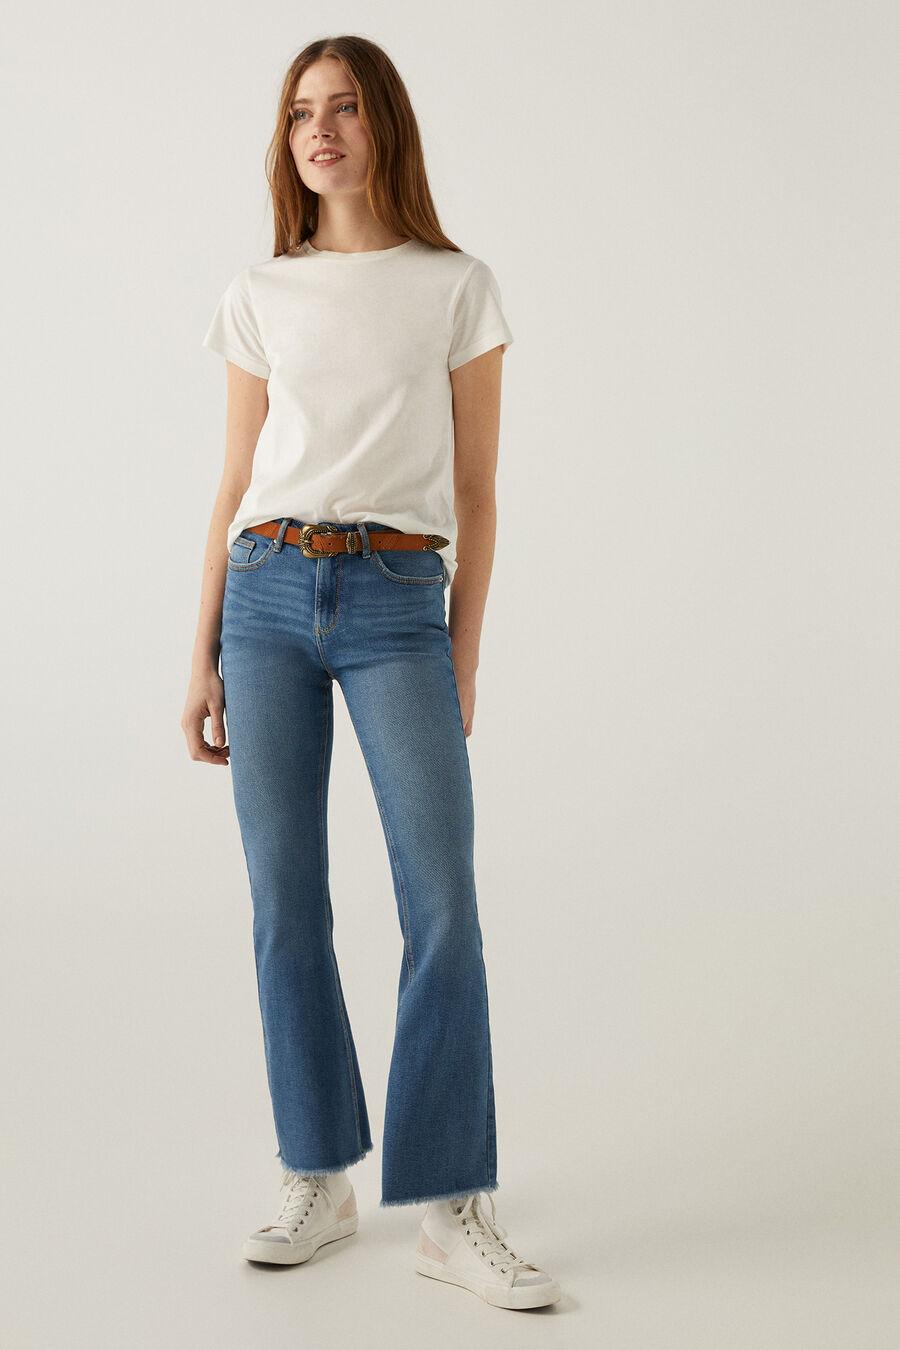 Artikel klicken und genauer betrachten! - Jeans mit taschen vorne und hinten, mit ausgestelltem hosenbein, unten ausgefranst. Ausgefranste bootcut jeans springfield   im Online Shop kaufen